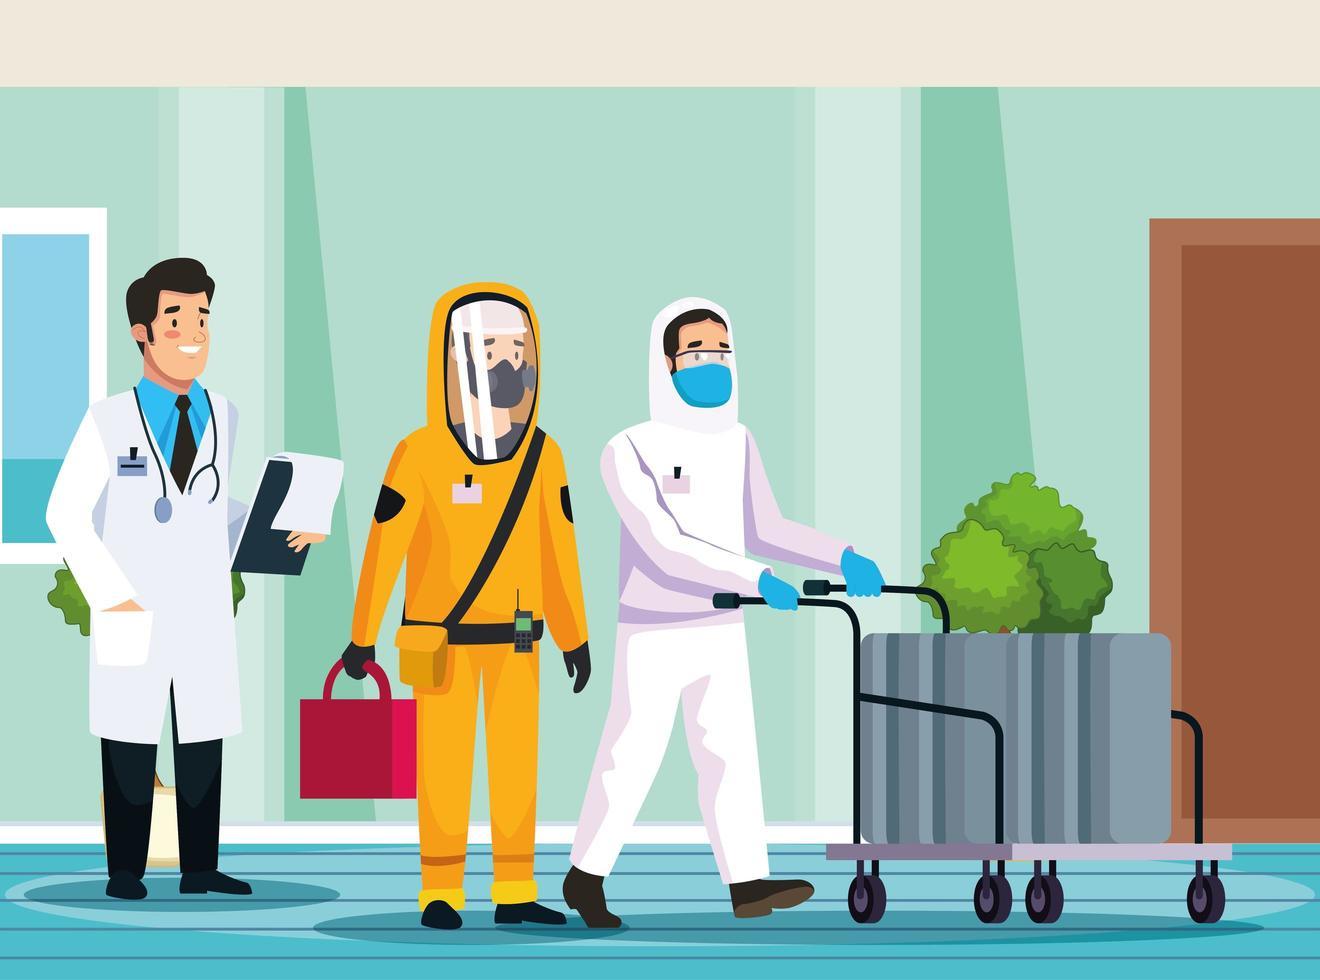 Personen mit Biohazard-Reinigung mit Arzt vektor